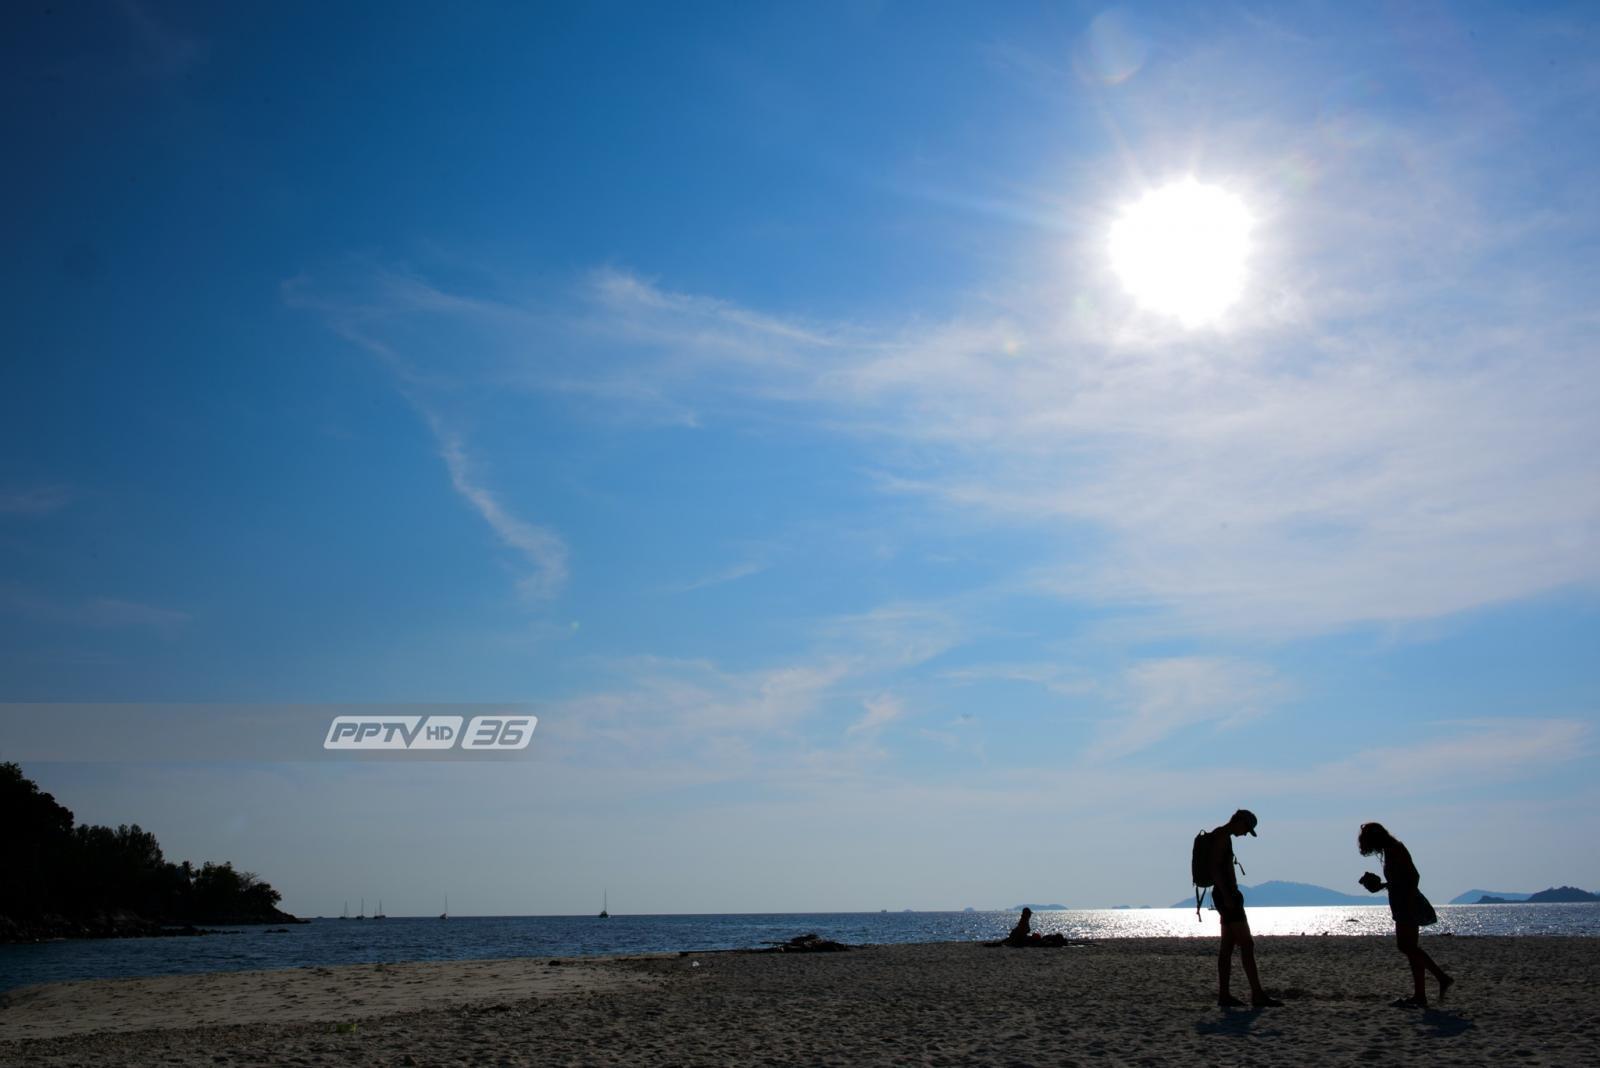 อุตุฯเผย กทม. อุณหภูมิสูงสุด 33-39 องศาเซลเซียส